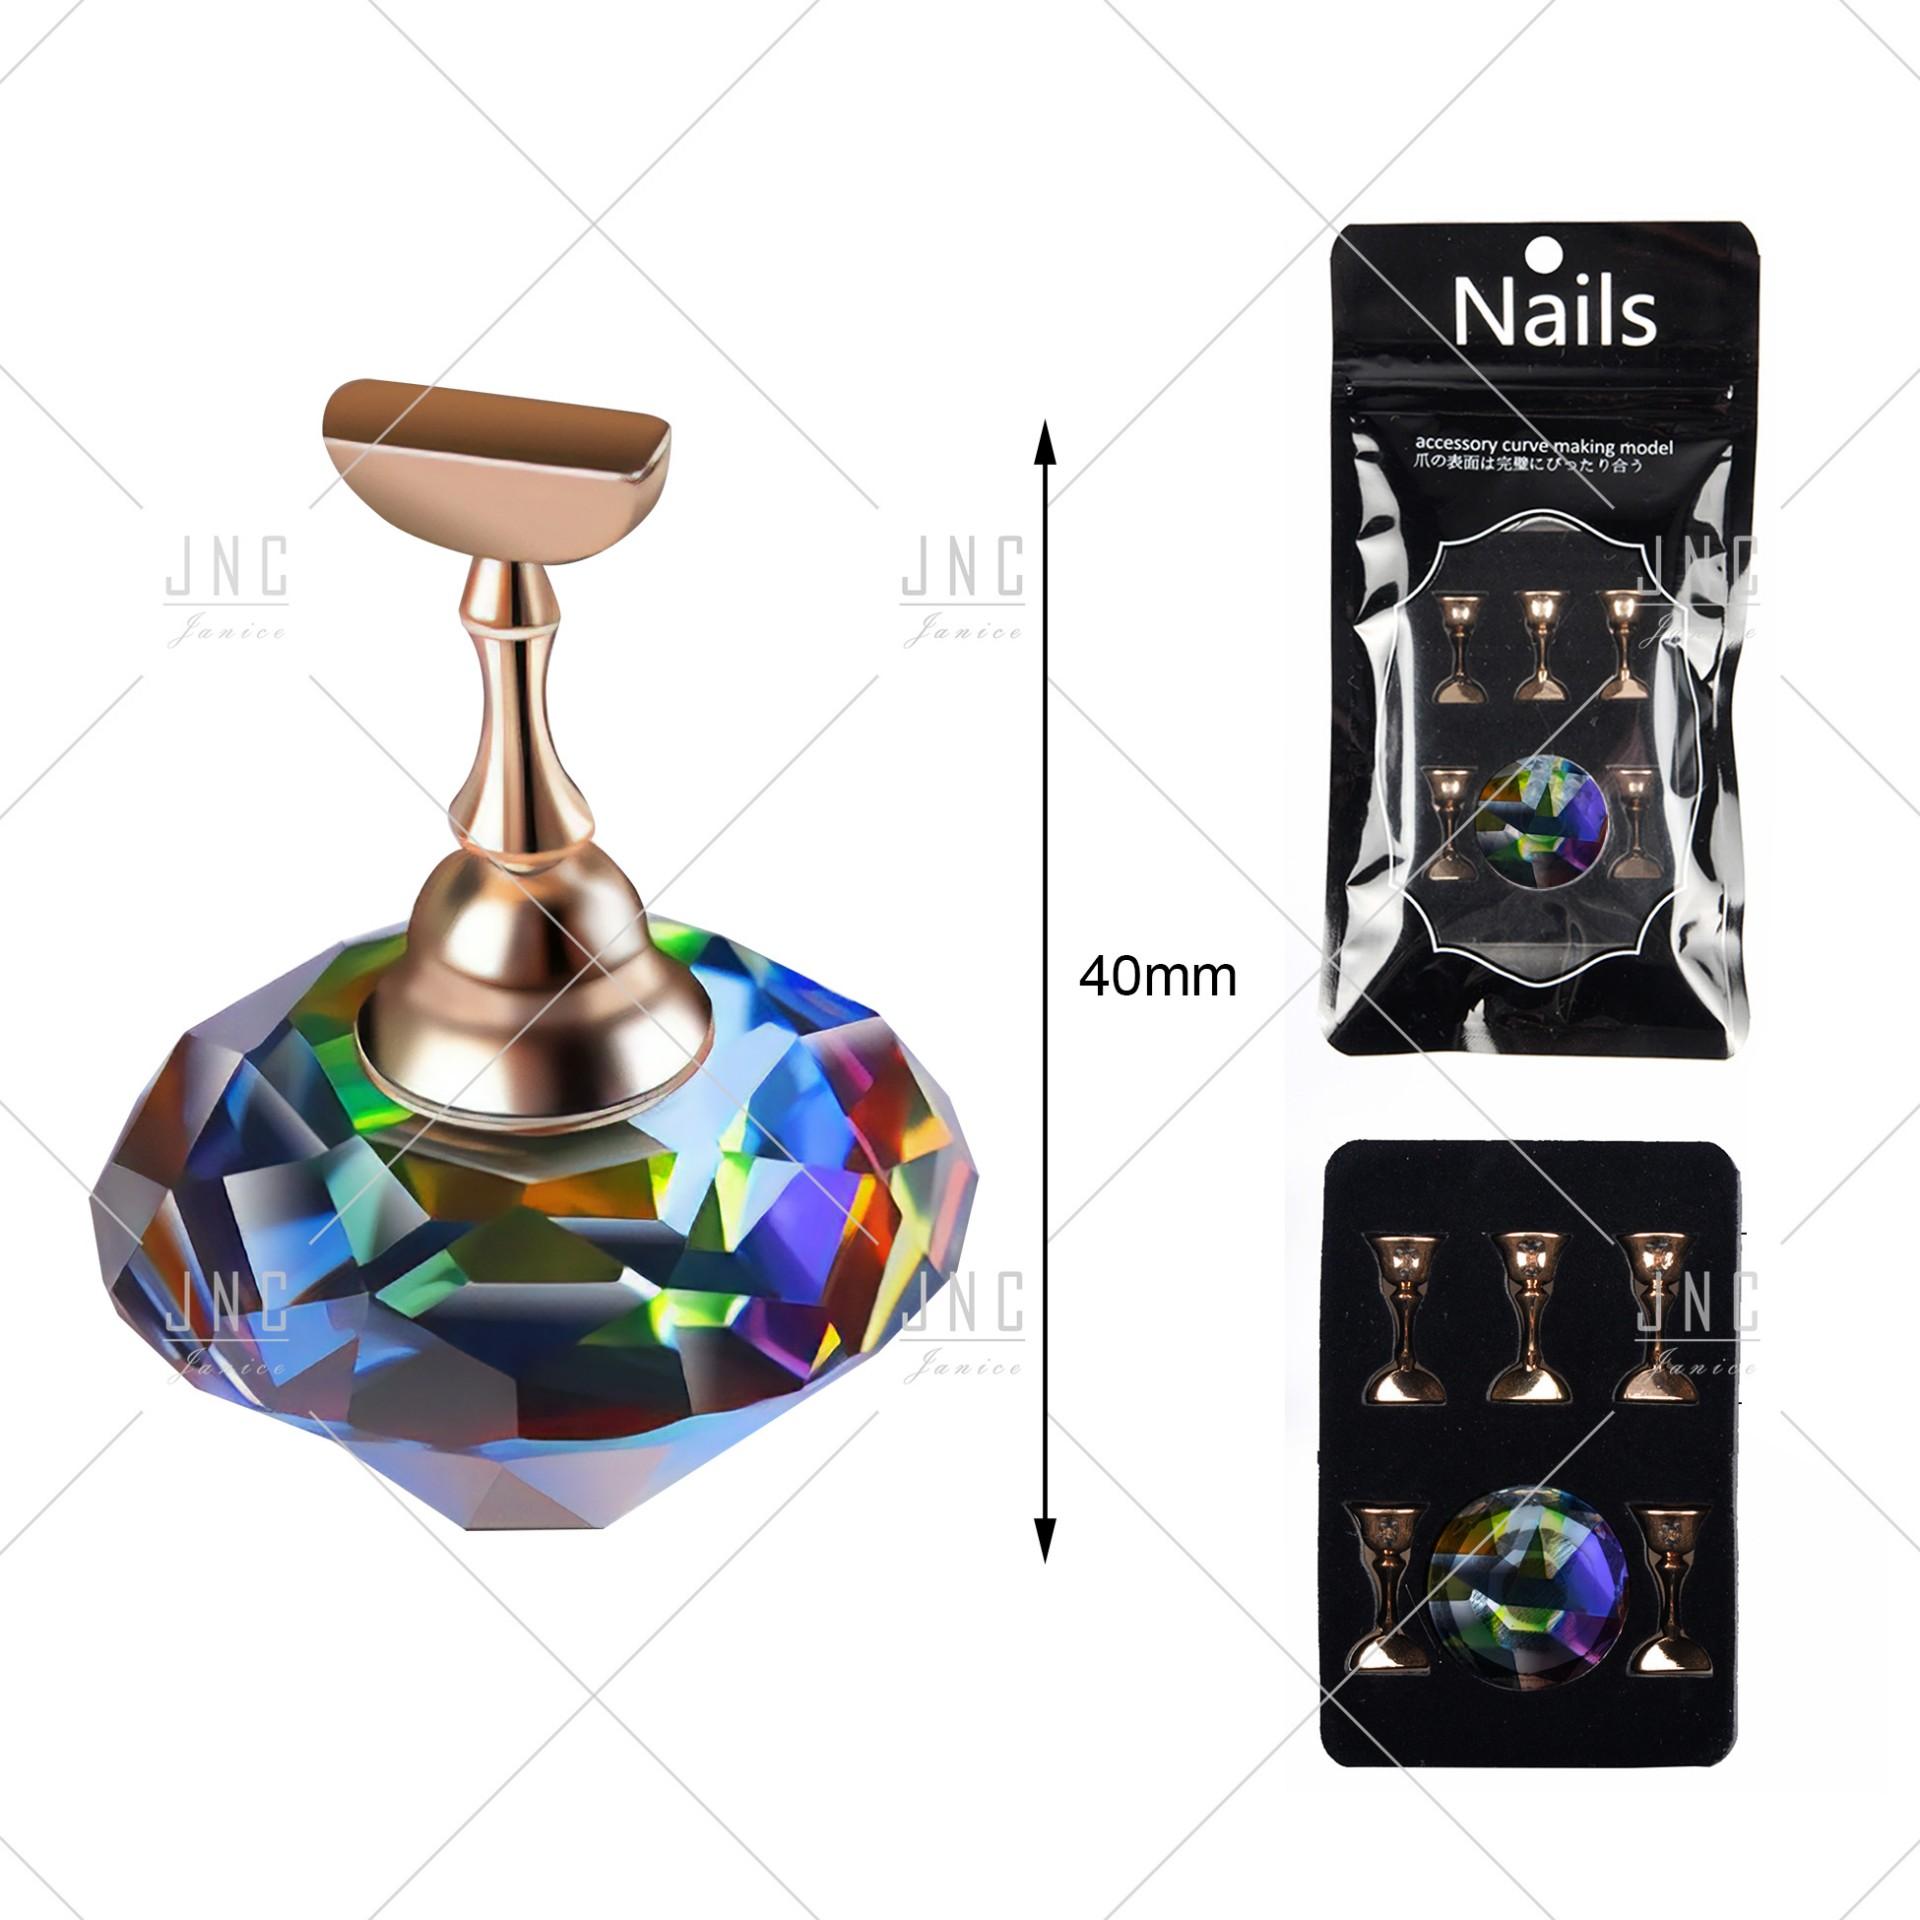 Suporte para Nail Art   Ref.861491